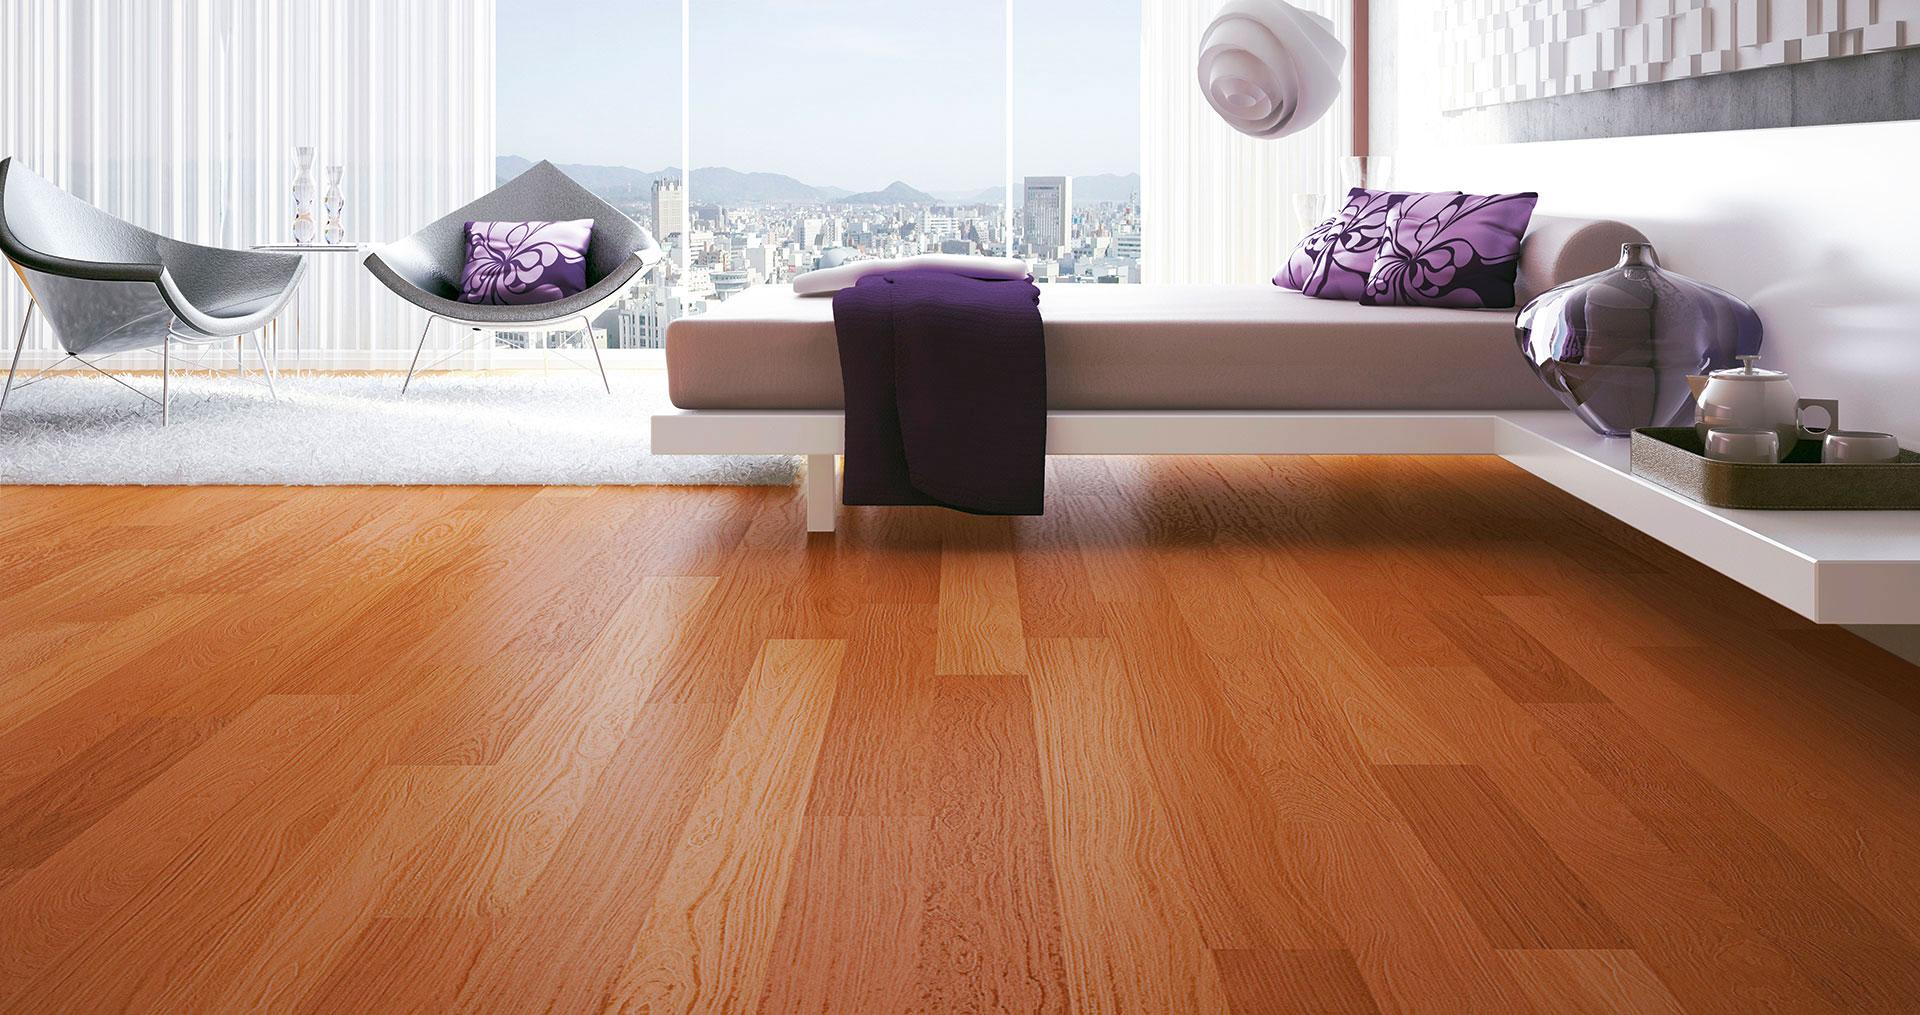 Diferenças entre piso de madeira, piso laminado e carpete de madeira